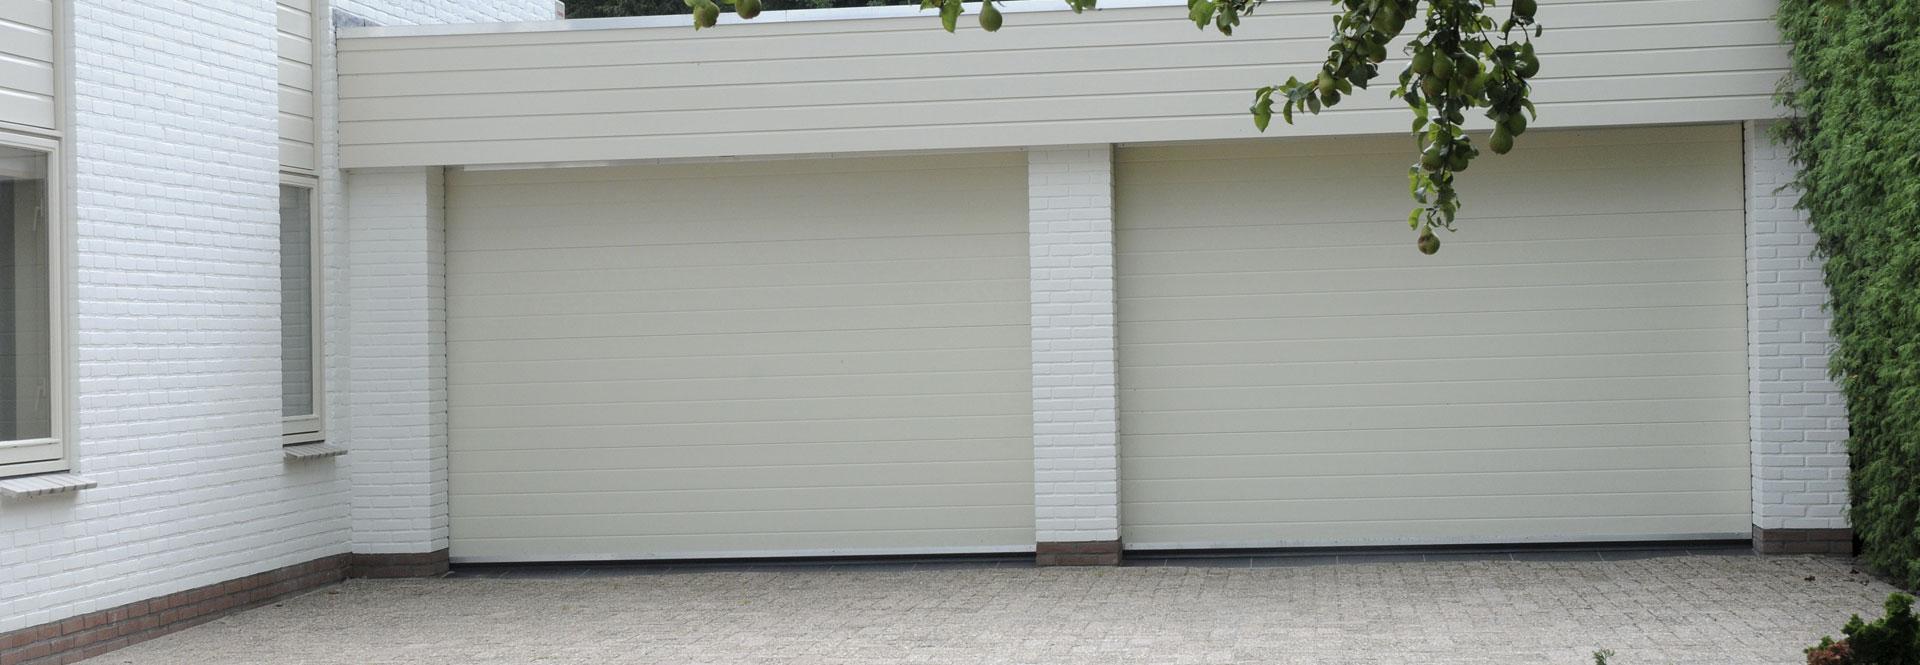 Garagedeuren op maat, een sieraad voor uw woning